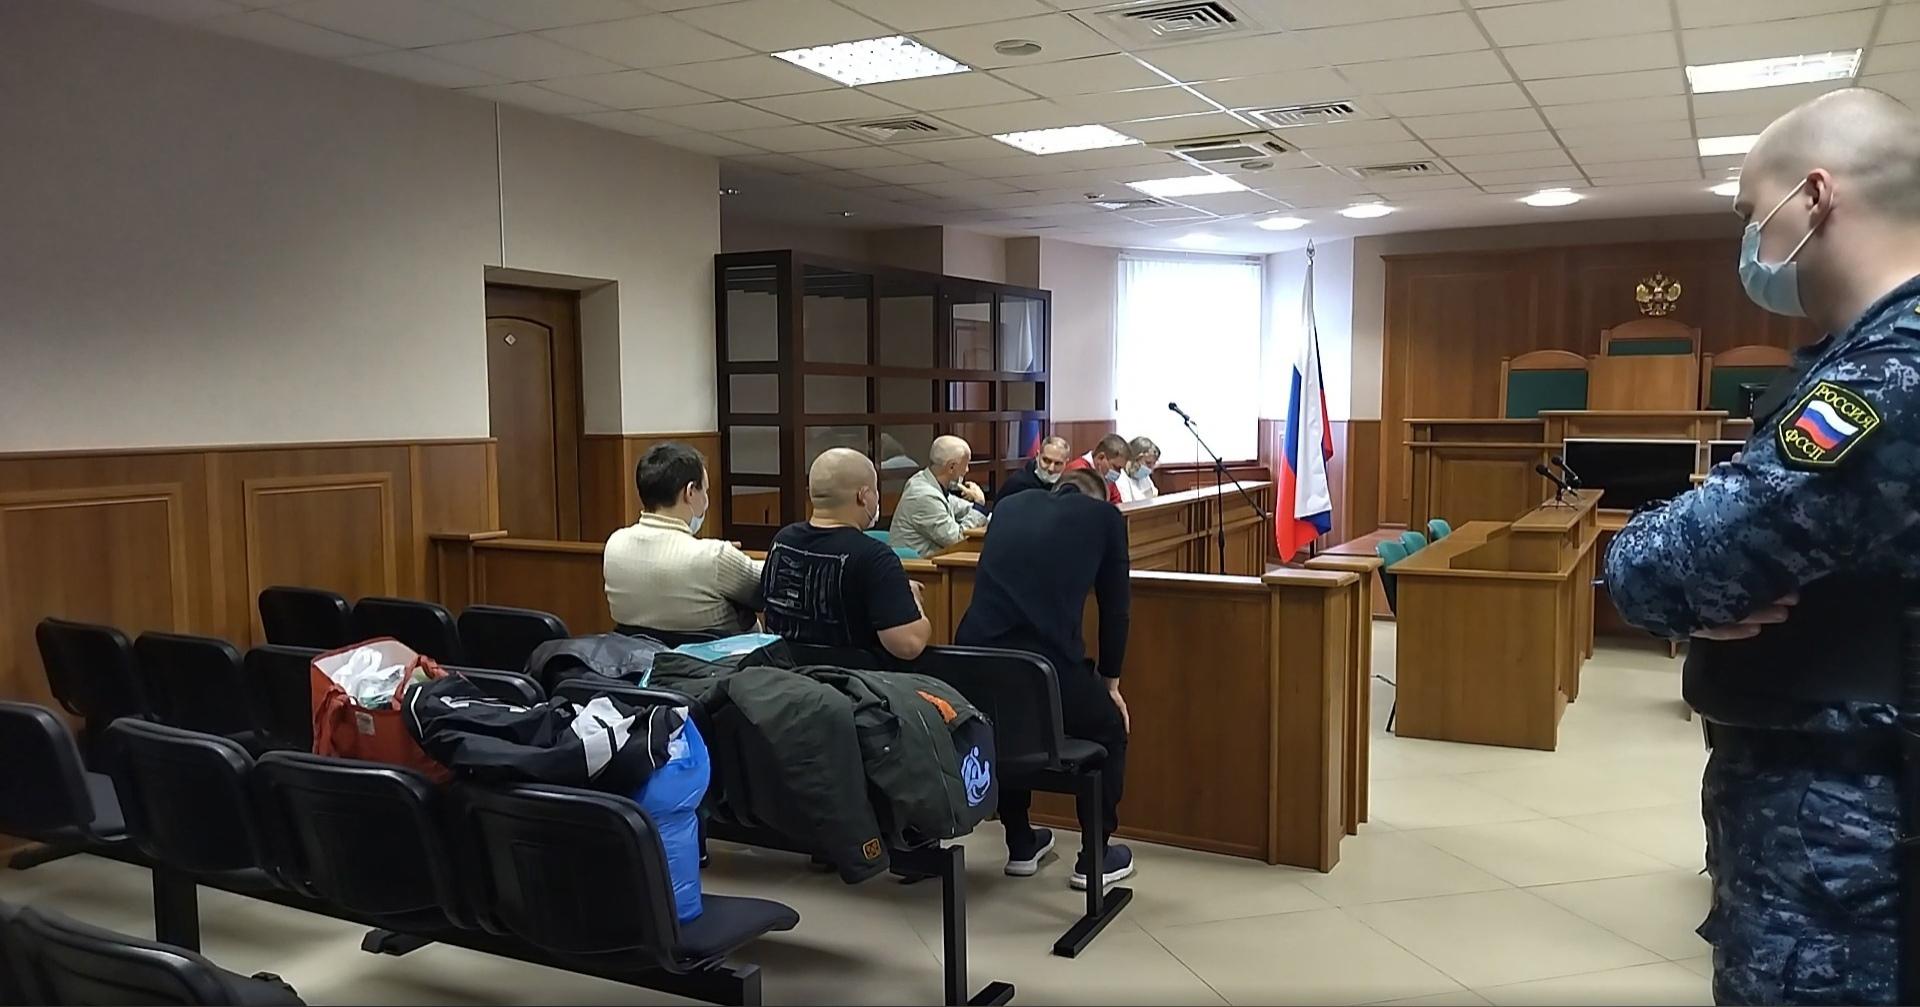 Ярославский областной суд признал троих мужчин виновными в убийстве двух человек